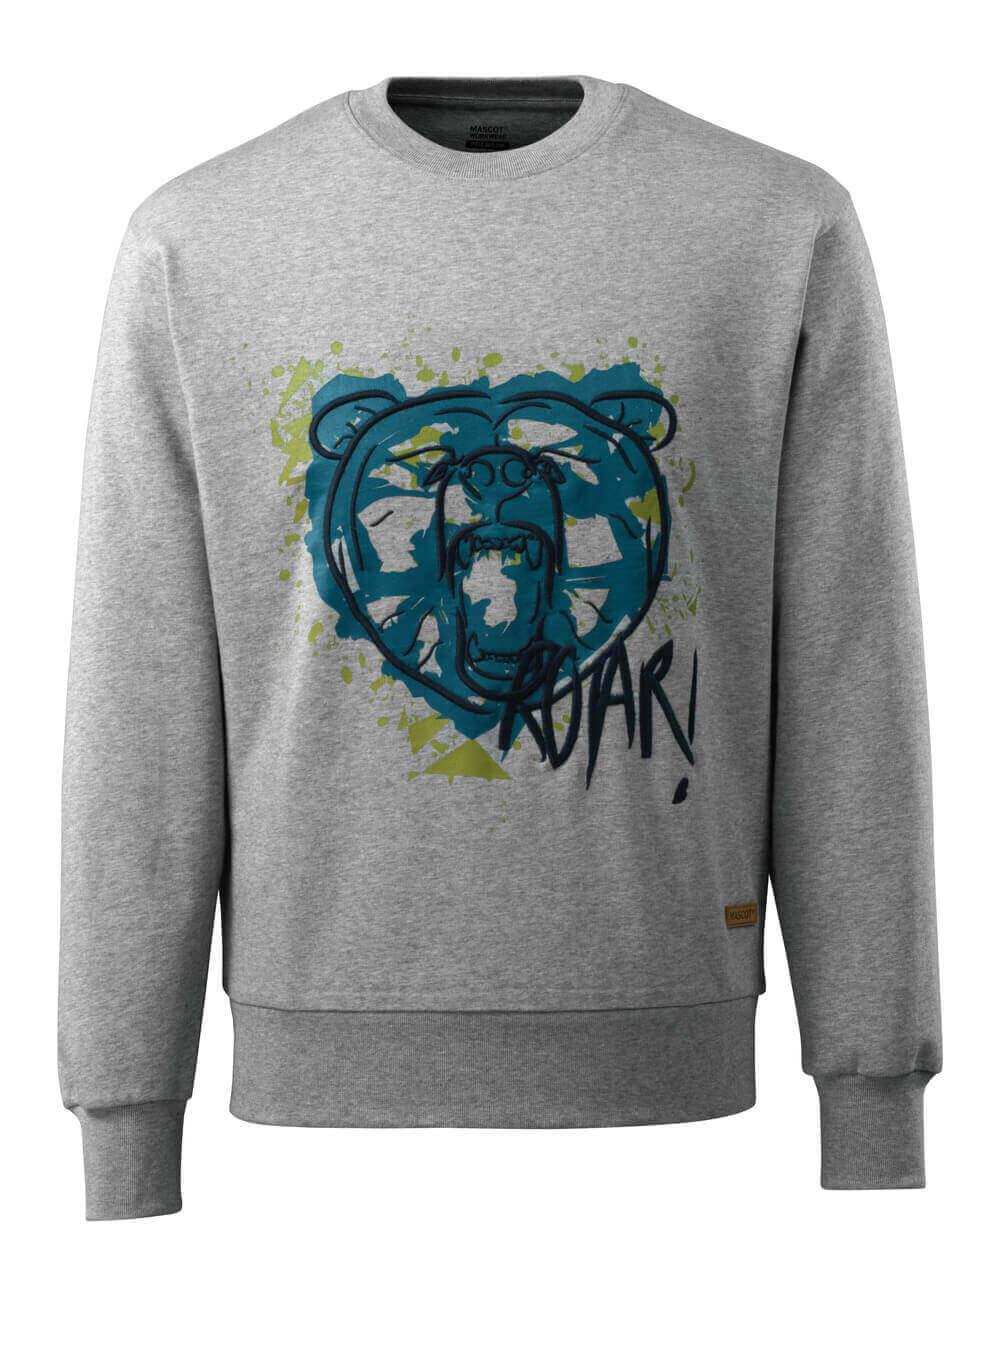 17284-280-08 Sweatshirt - grijs